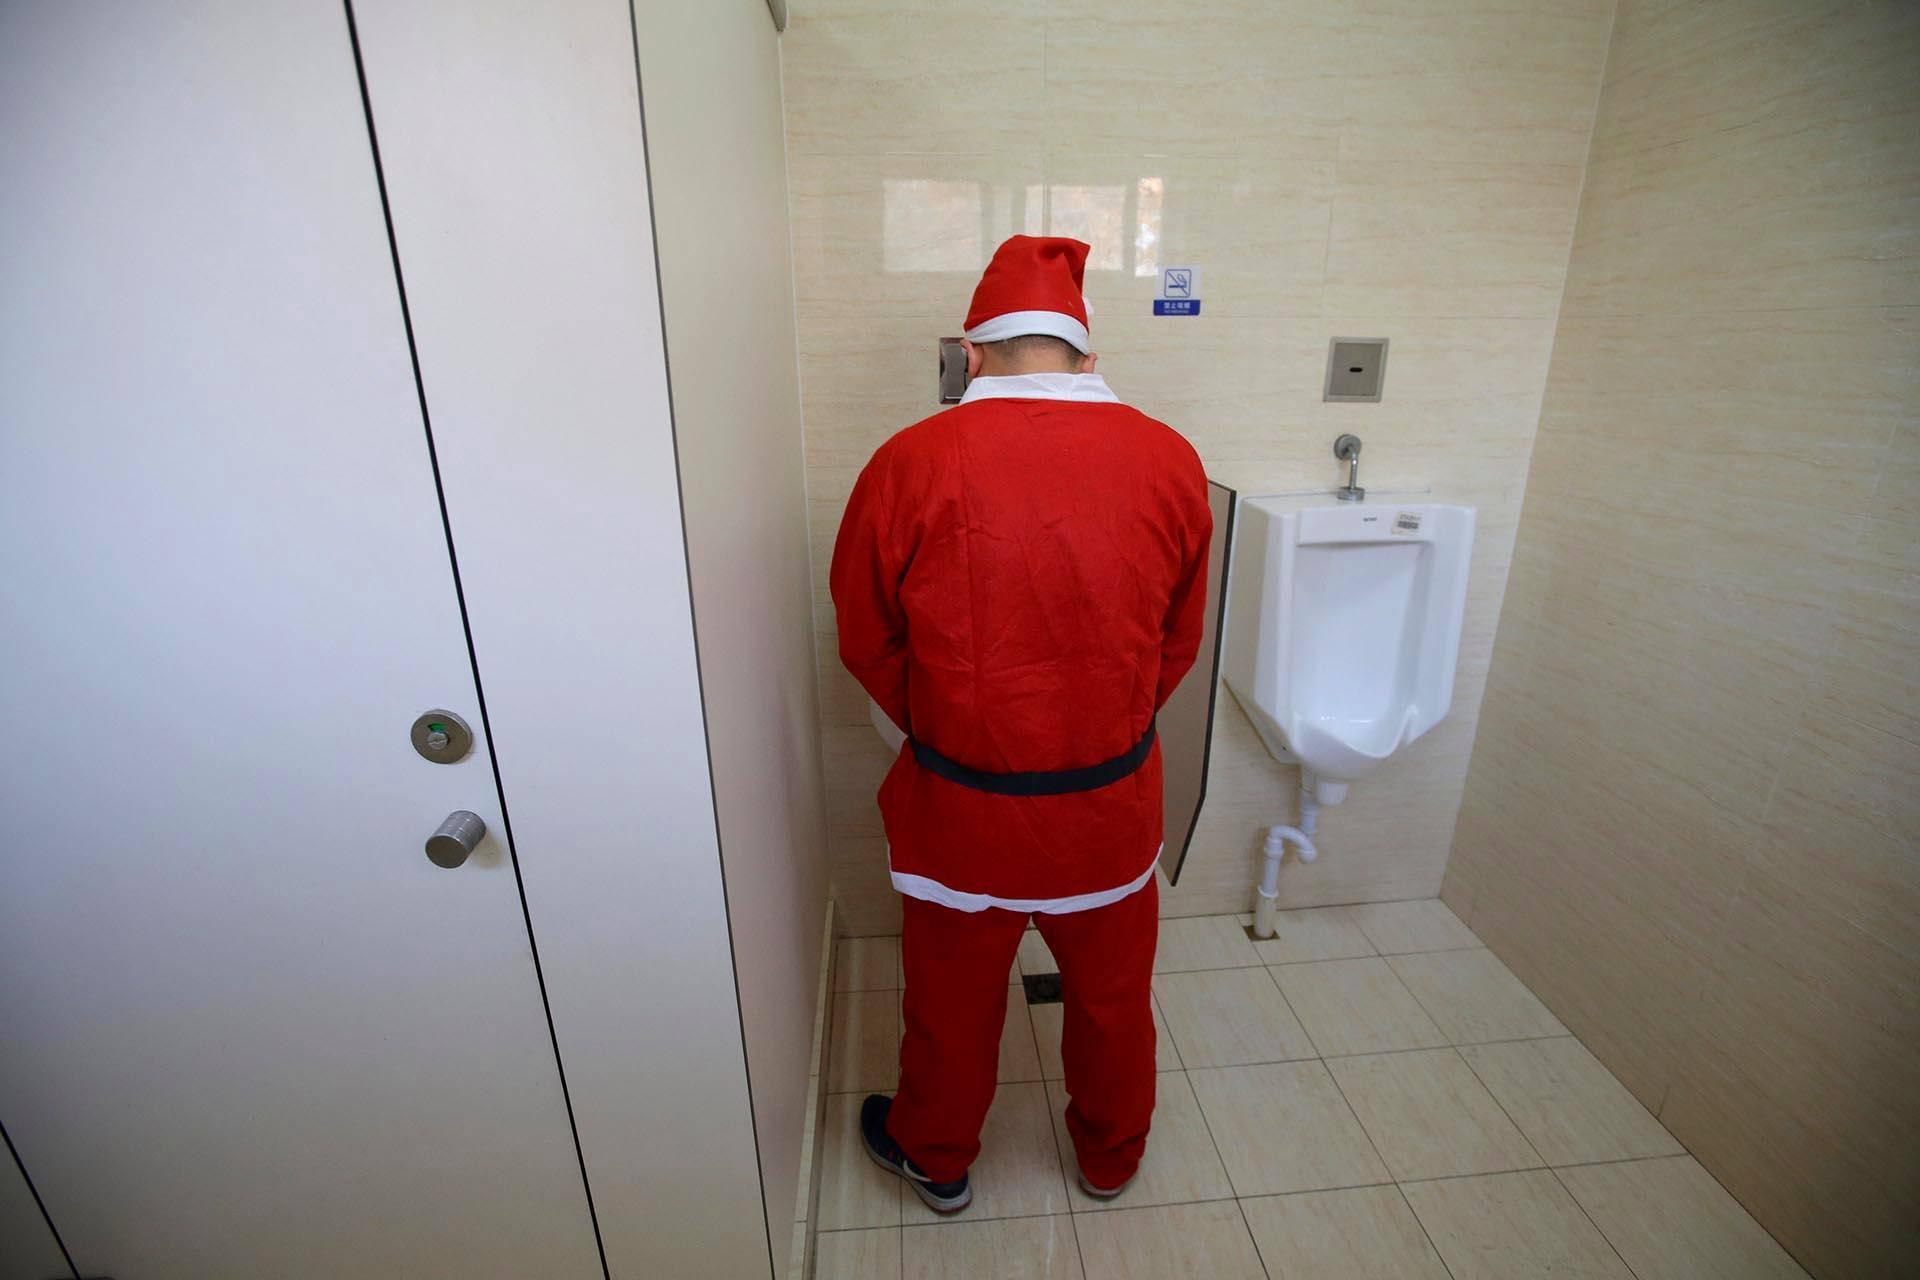 Joulupukkijuoksuun osallistunut kiinalaispukki kävi vessassa ennen juoksutapahtumaa Pekingissä.